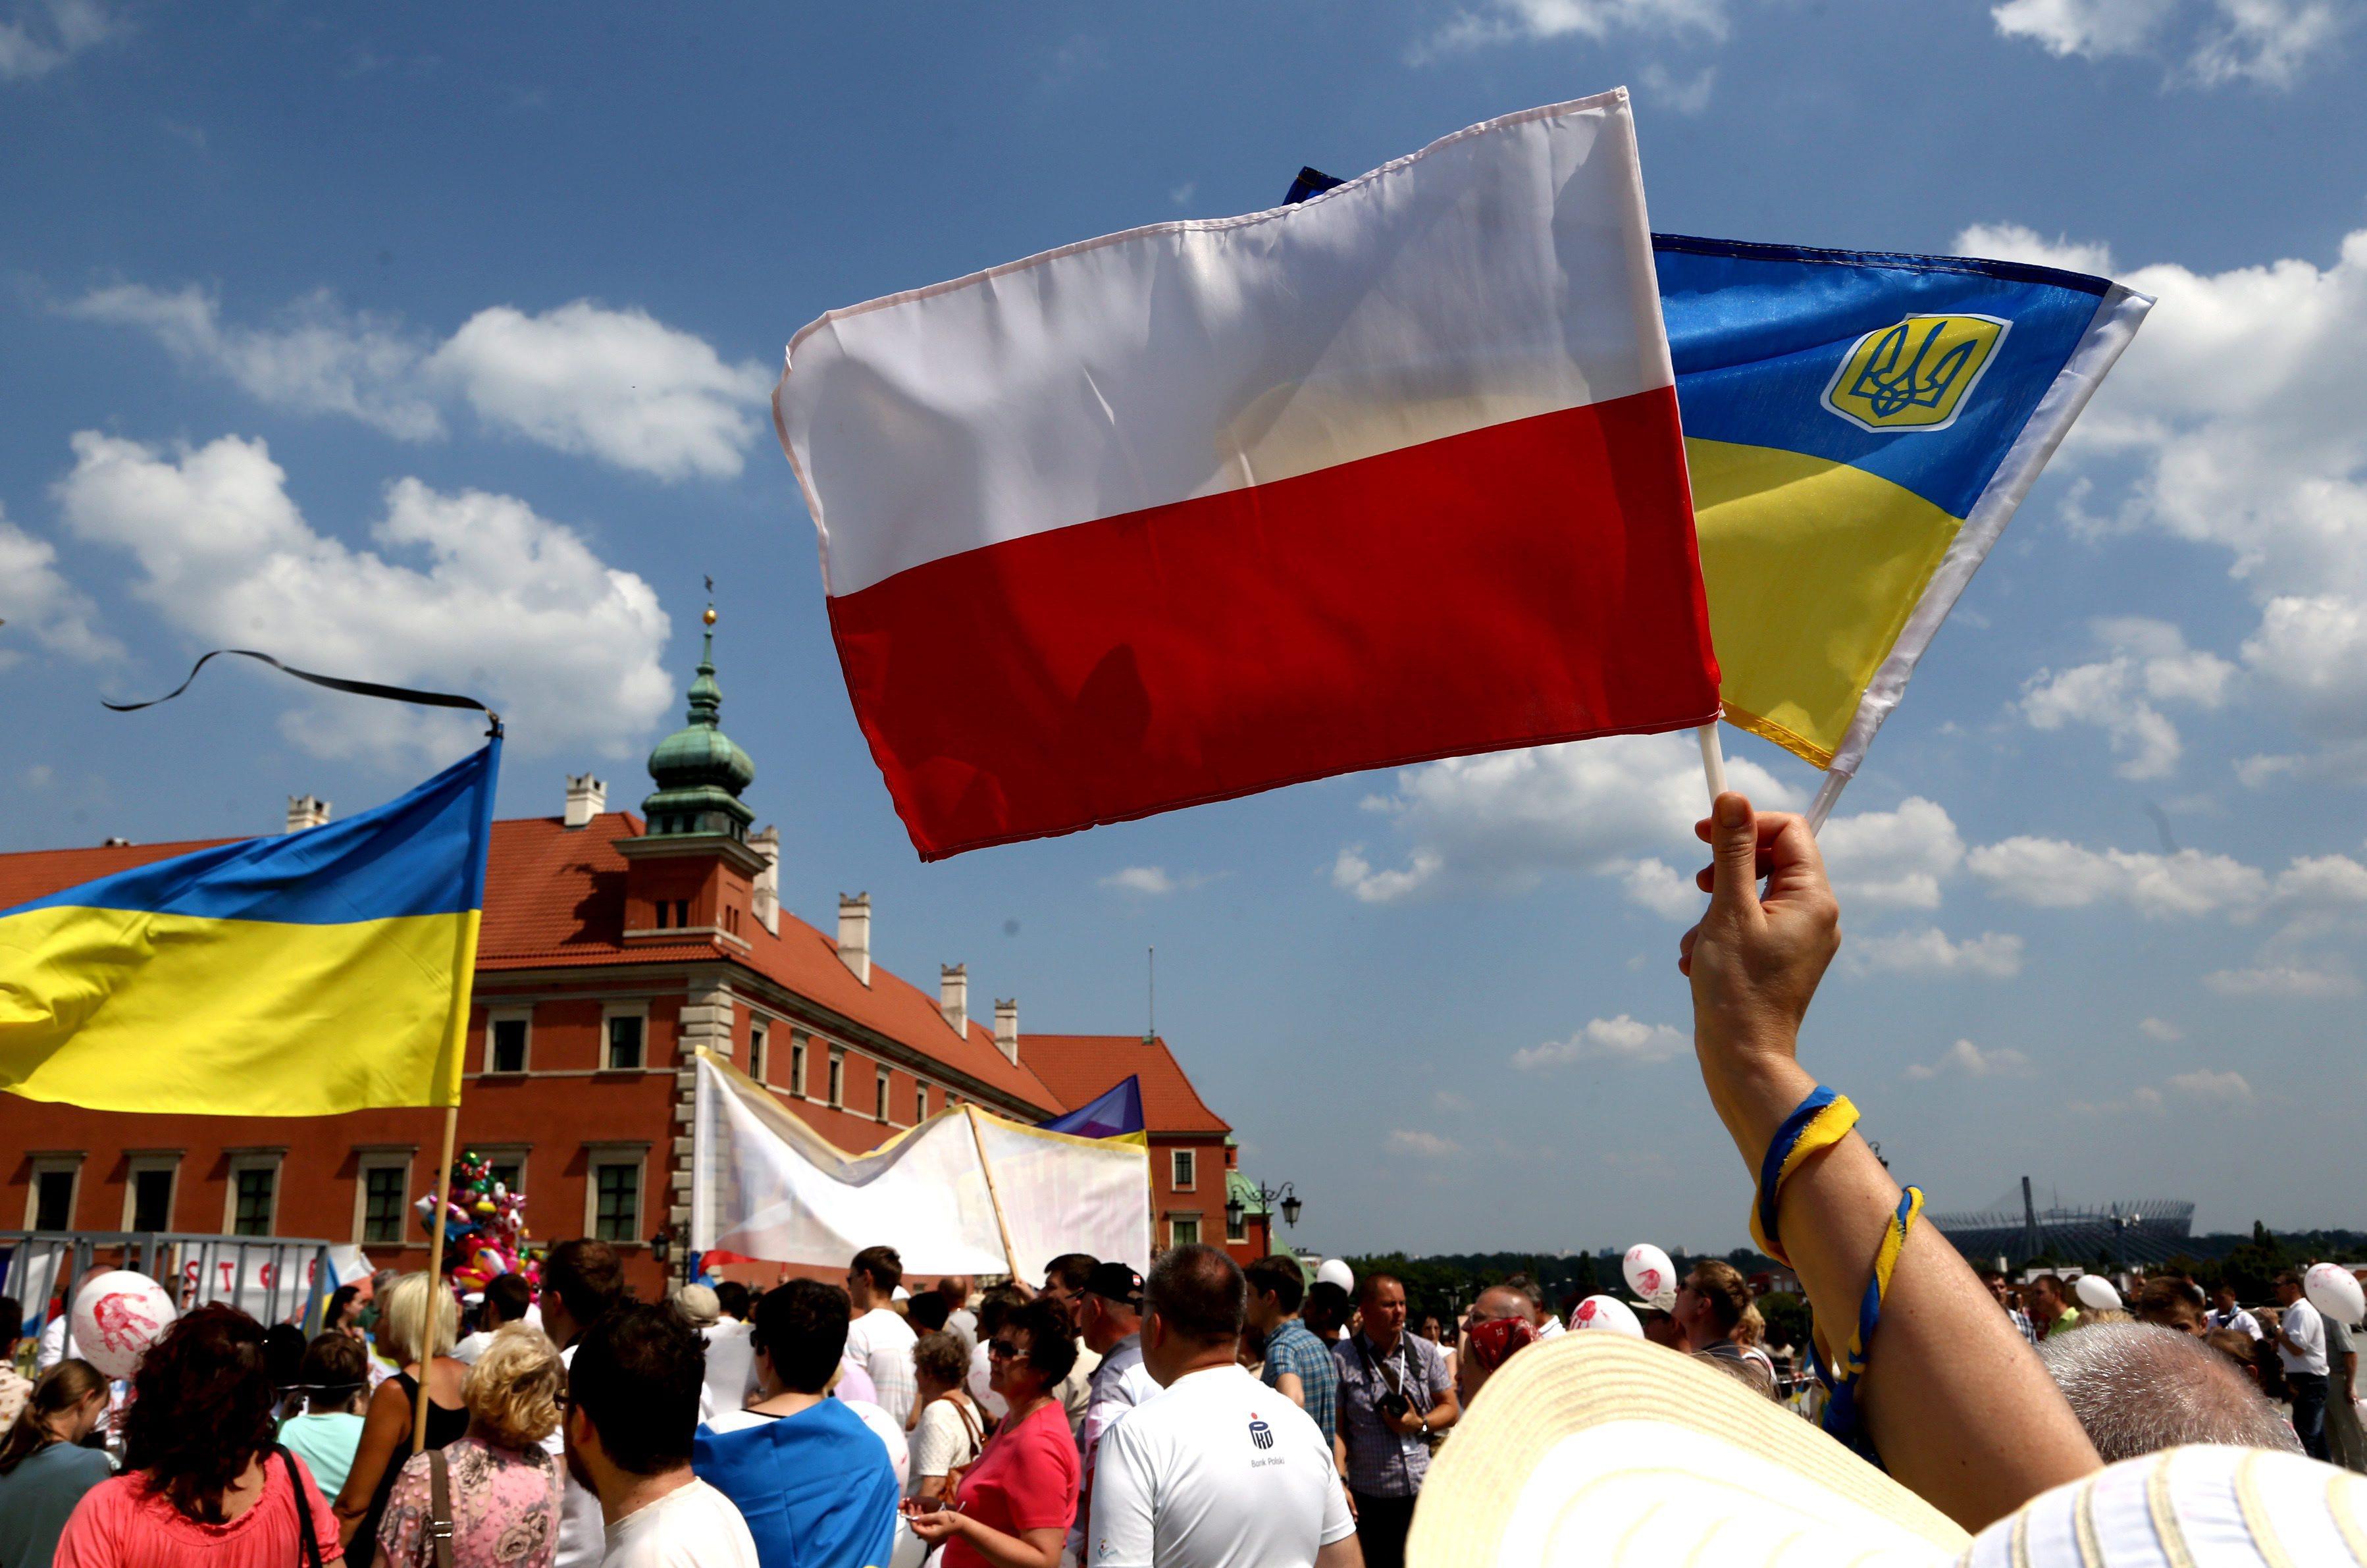 Poláci založili na Ukrajině vlastní politickou stranu